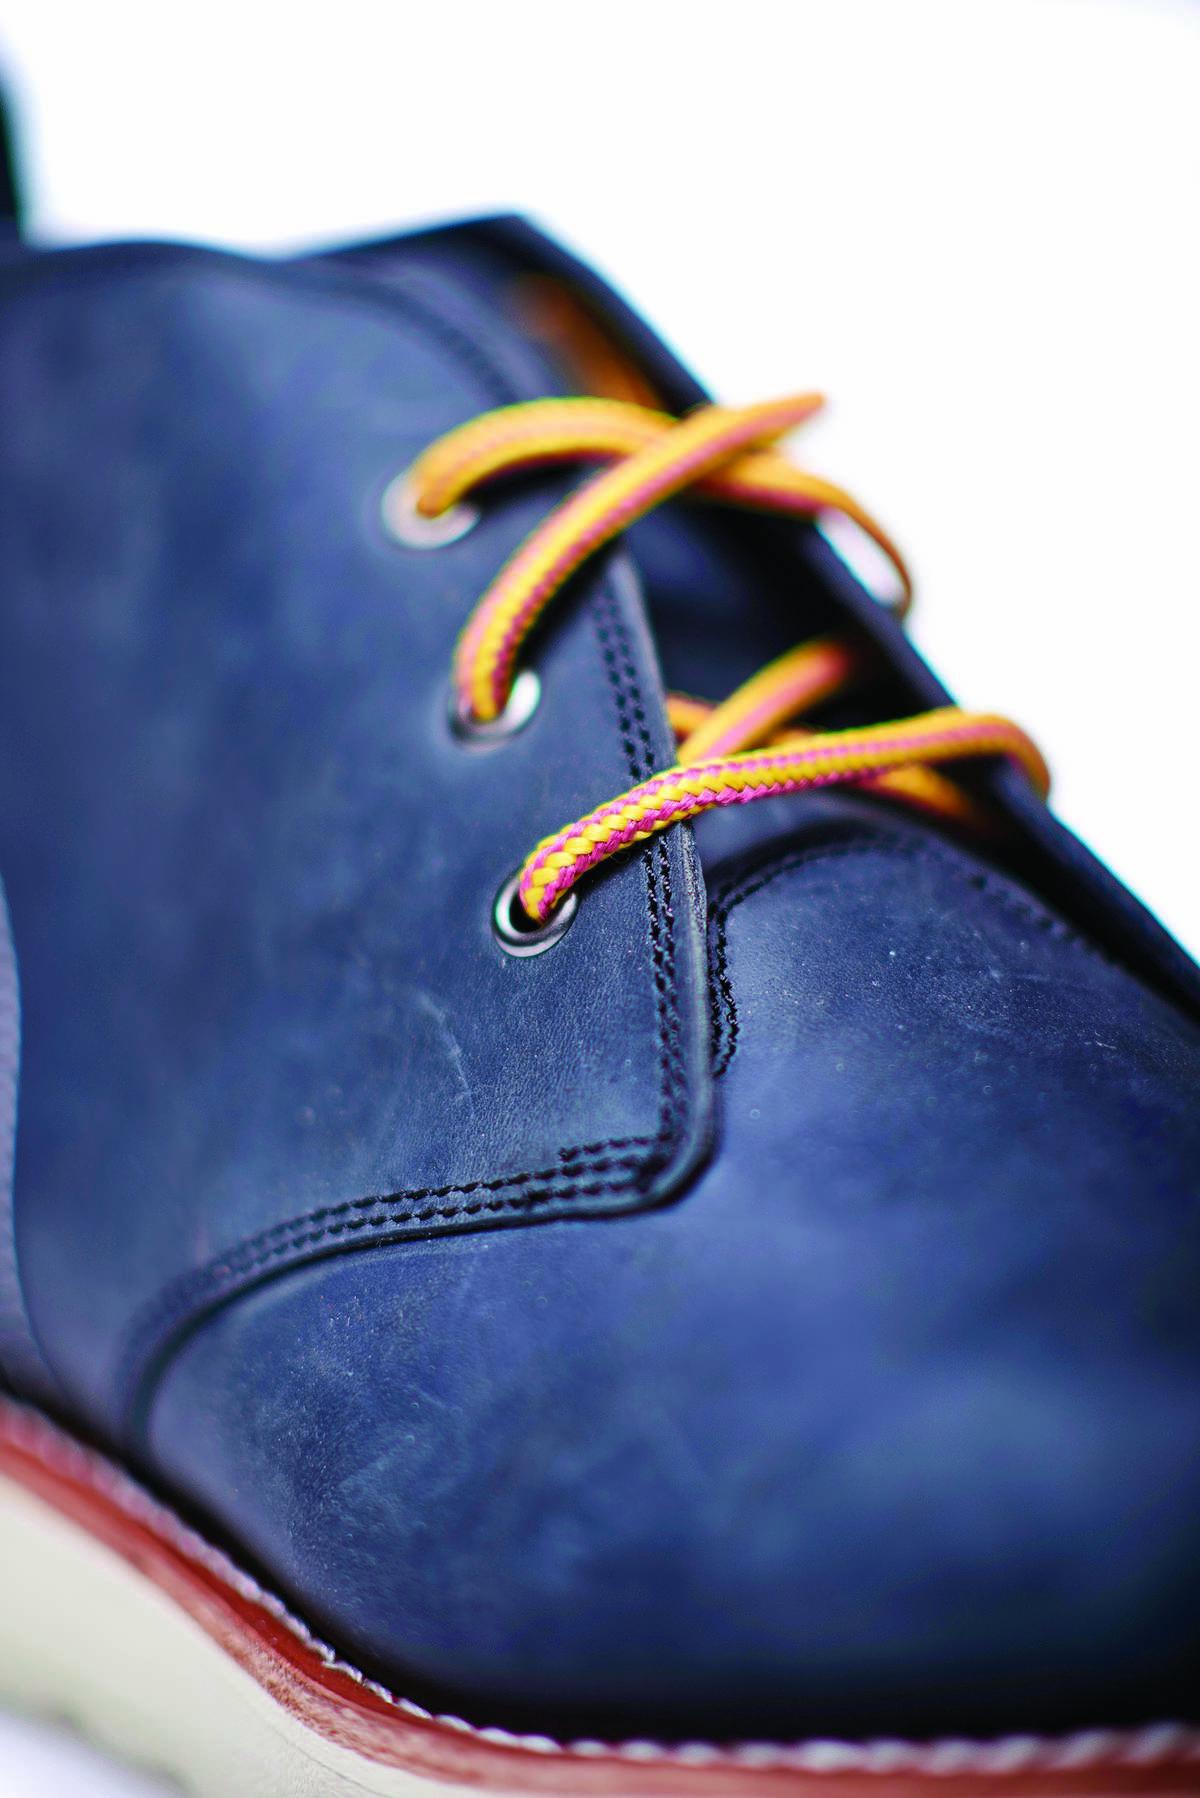 Dickies Herren Stiefel Napa Boot Charcoal Grey